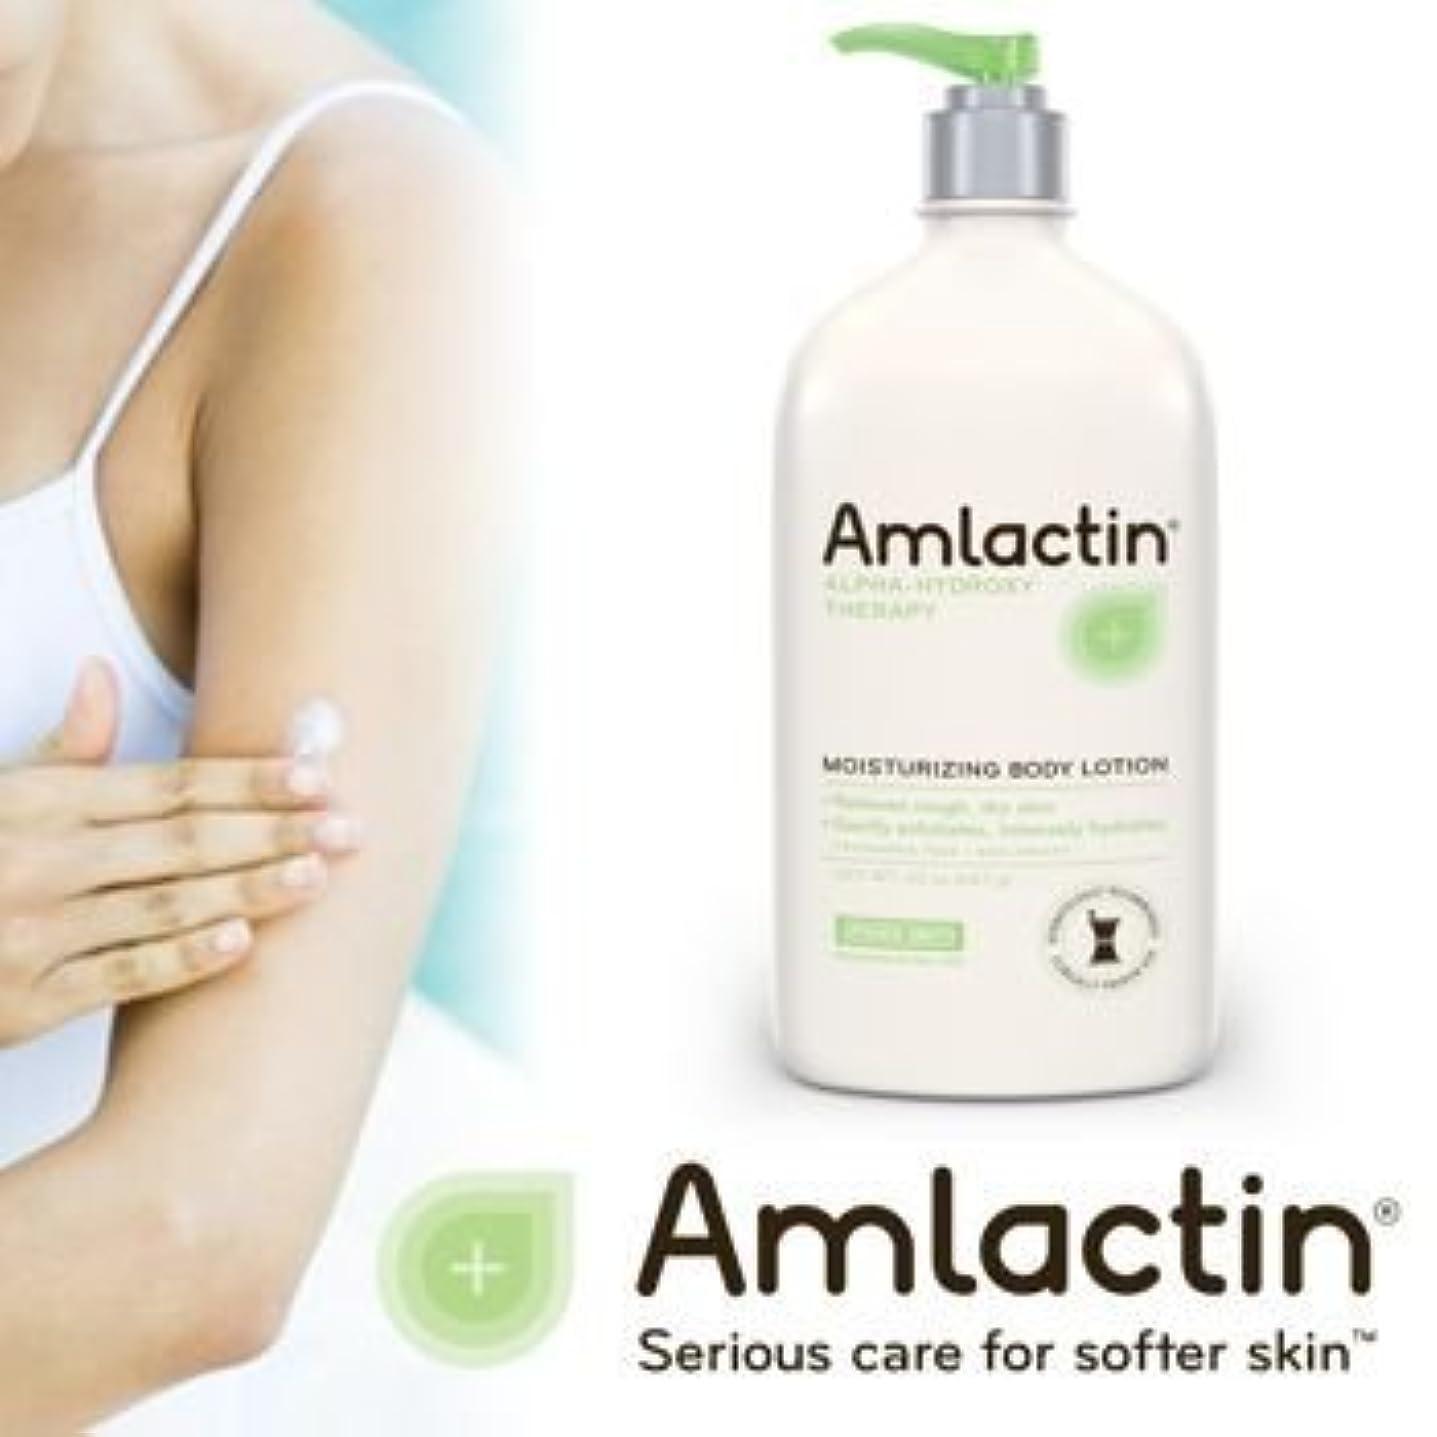 ごみ文明化困惑するアムラクティン 保湿液 (乾燥肌のため) - 12% 乳酸 - AmLactin 12 % Moisturizing Lotion - 500 g / 17.6 oz (Product packaging may vary)